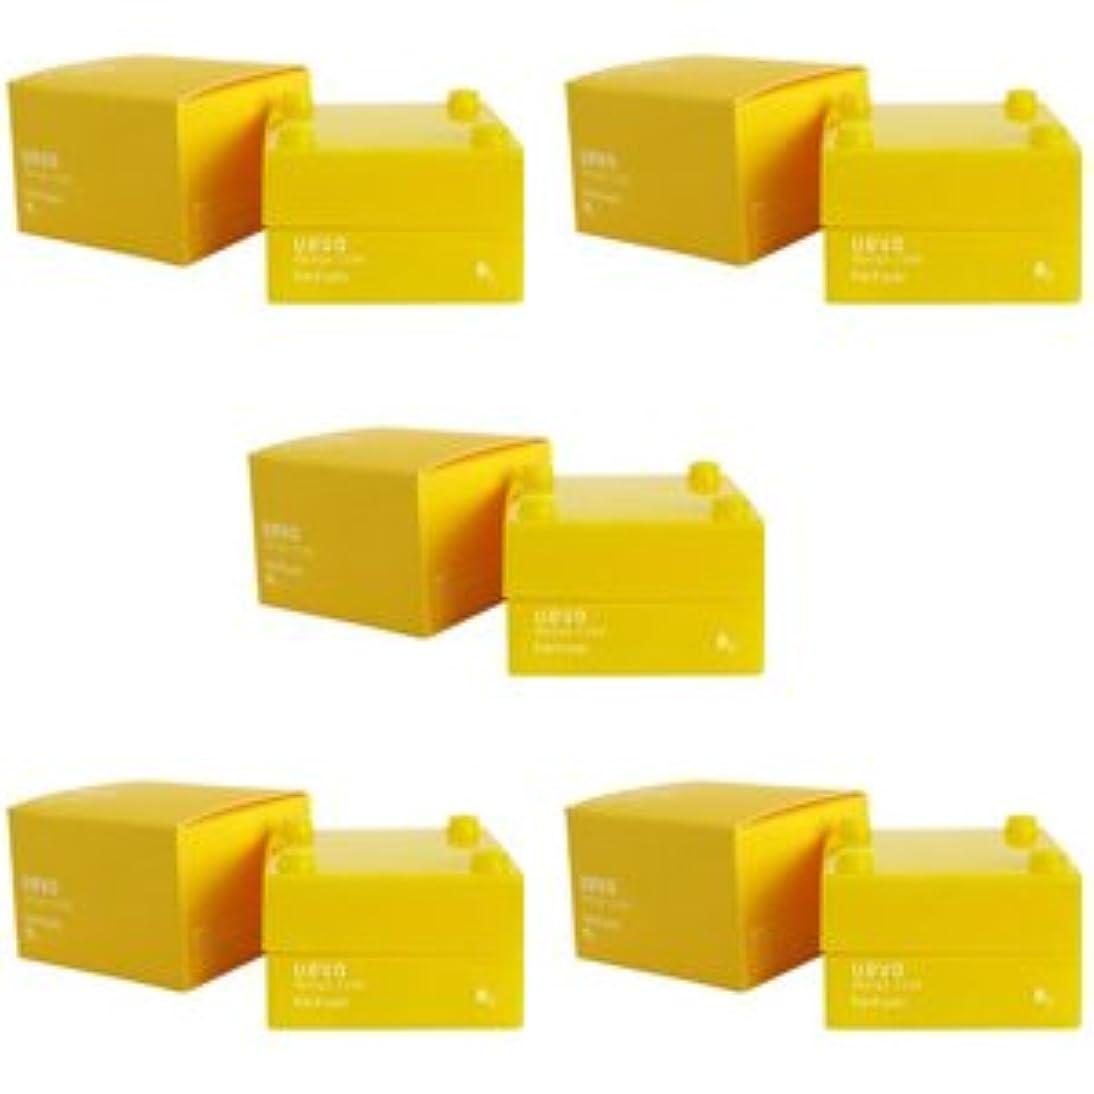 お気に入り揺れる波紋【X5個セット】 デミ ウェーボ デザインキューブ ハードワックス 30g hard wax DEMI uevo design cube